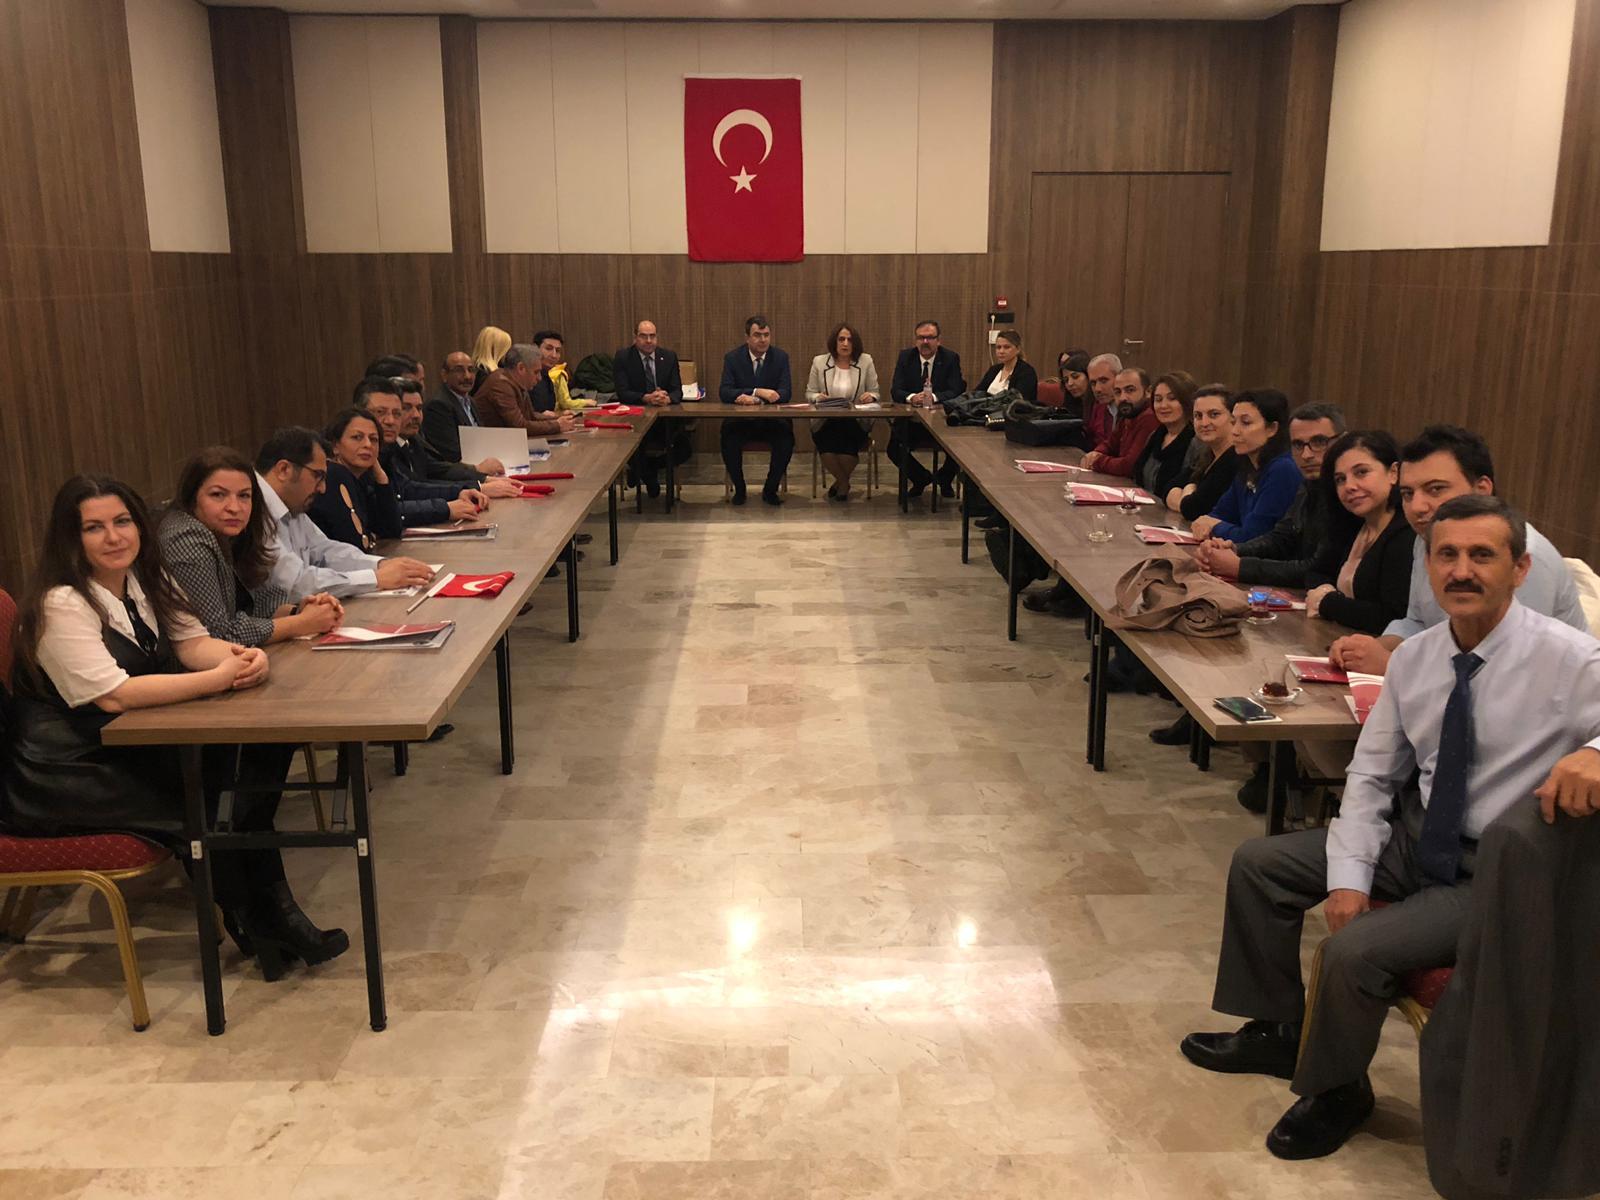 Genel Başkanımız Önder Kahveci ve Genel Başkan Yardımcılarımız İsmail Türk, Kenan Karaçam, Mustafa Köse ve Mustafa Yiğit İzmir Şubelerimizin birlikte gerçekleştirdiği işyeri temsilcileri toplantısına katıldılar.